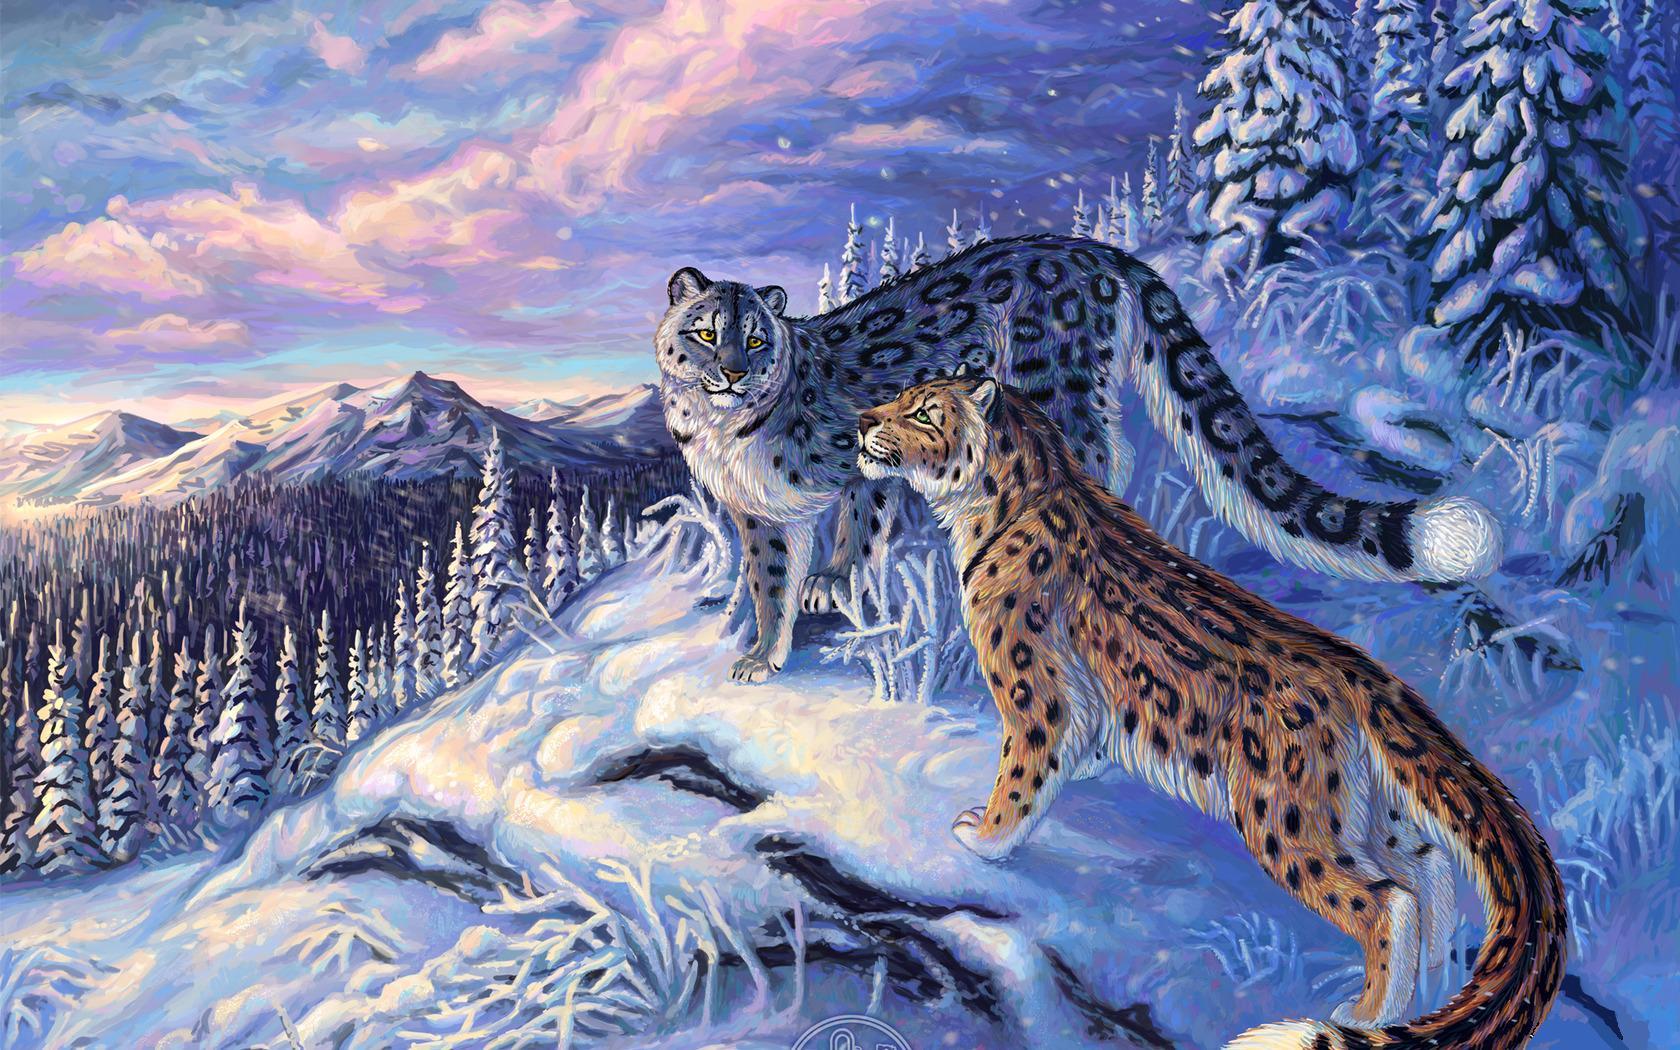 Animales Felino Leopardos Fondo De Pantalla Fondos De: Fondos De Pantalla Grandes Felinos Leopardo De Las Nieves